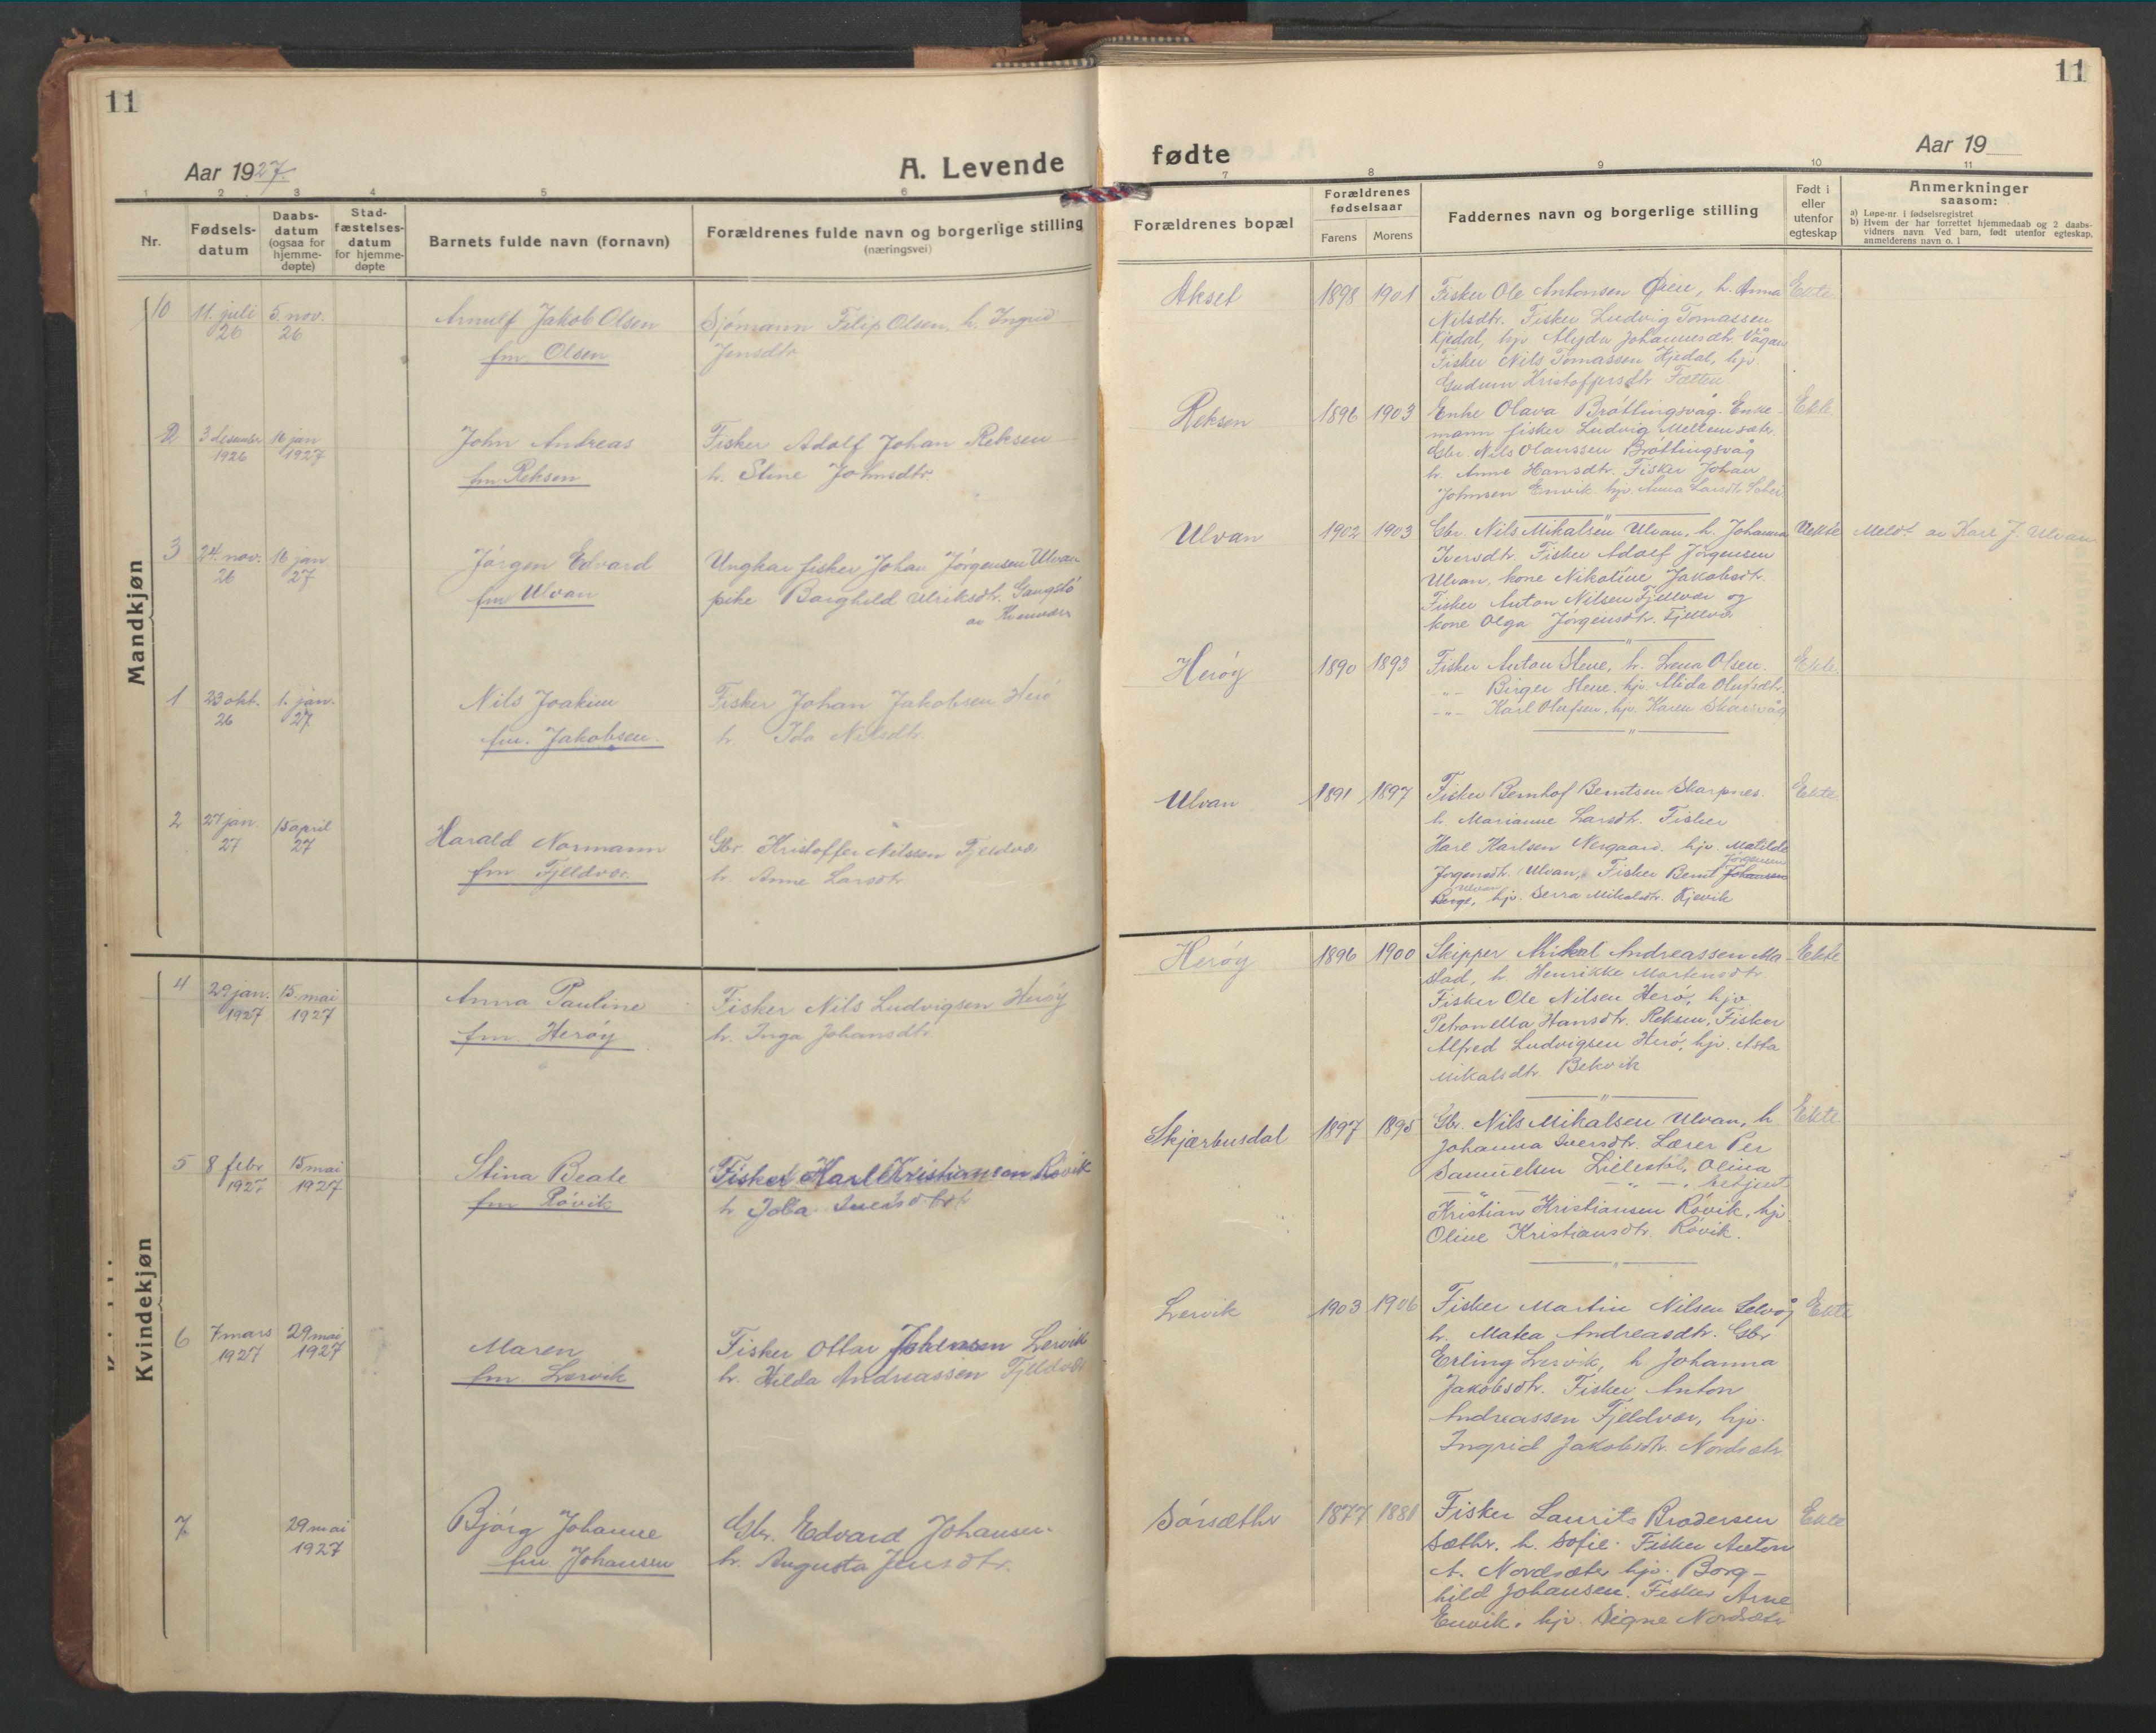 SAT, Ministerialprotokoller, klokkerbøker og fødselsregistre - Sør-Trøndelag, 638/L0569: Klokkerbok nr. 638C01, 1923-1961, s. 11